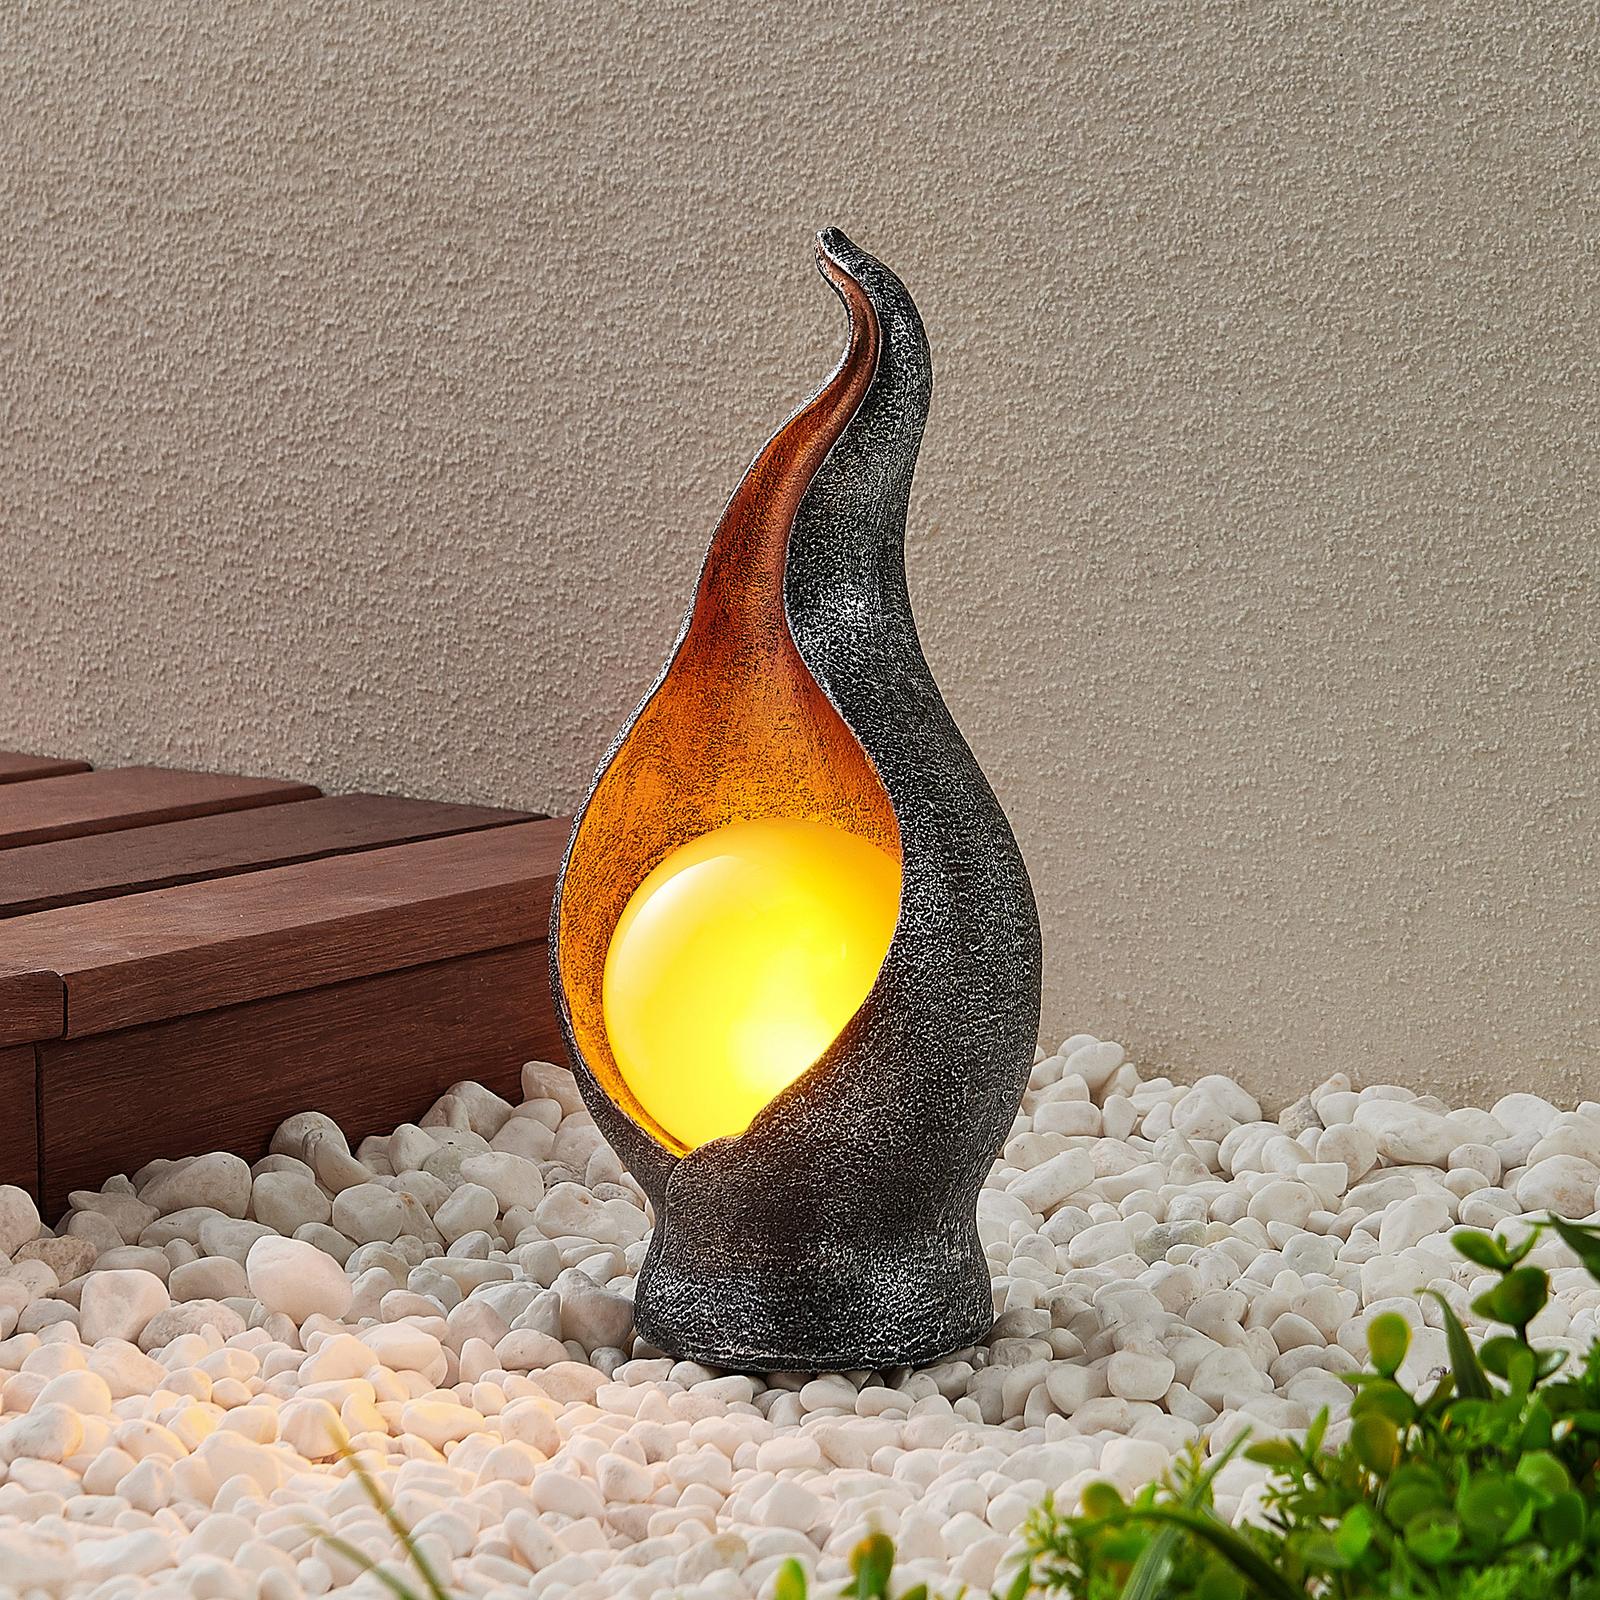 Lindby Eoin dekorativ LED-solcellslampa med kula